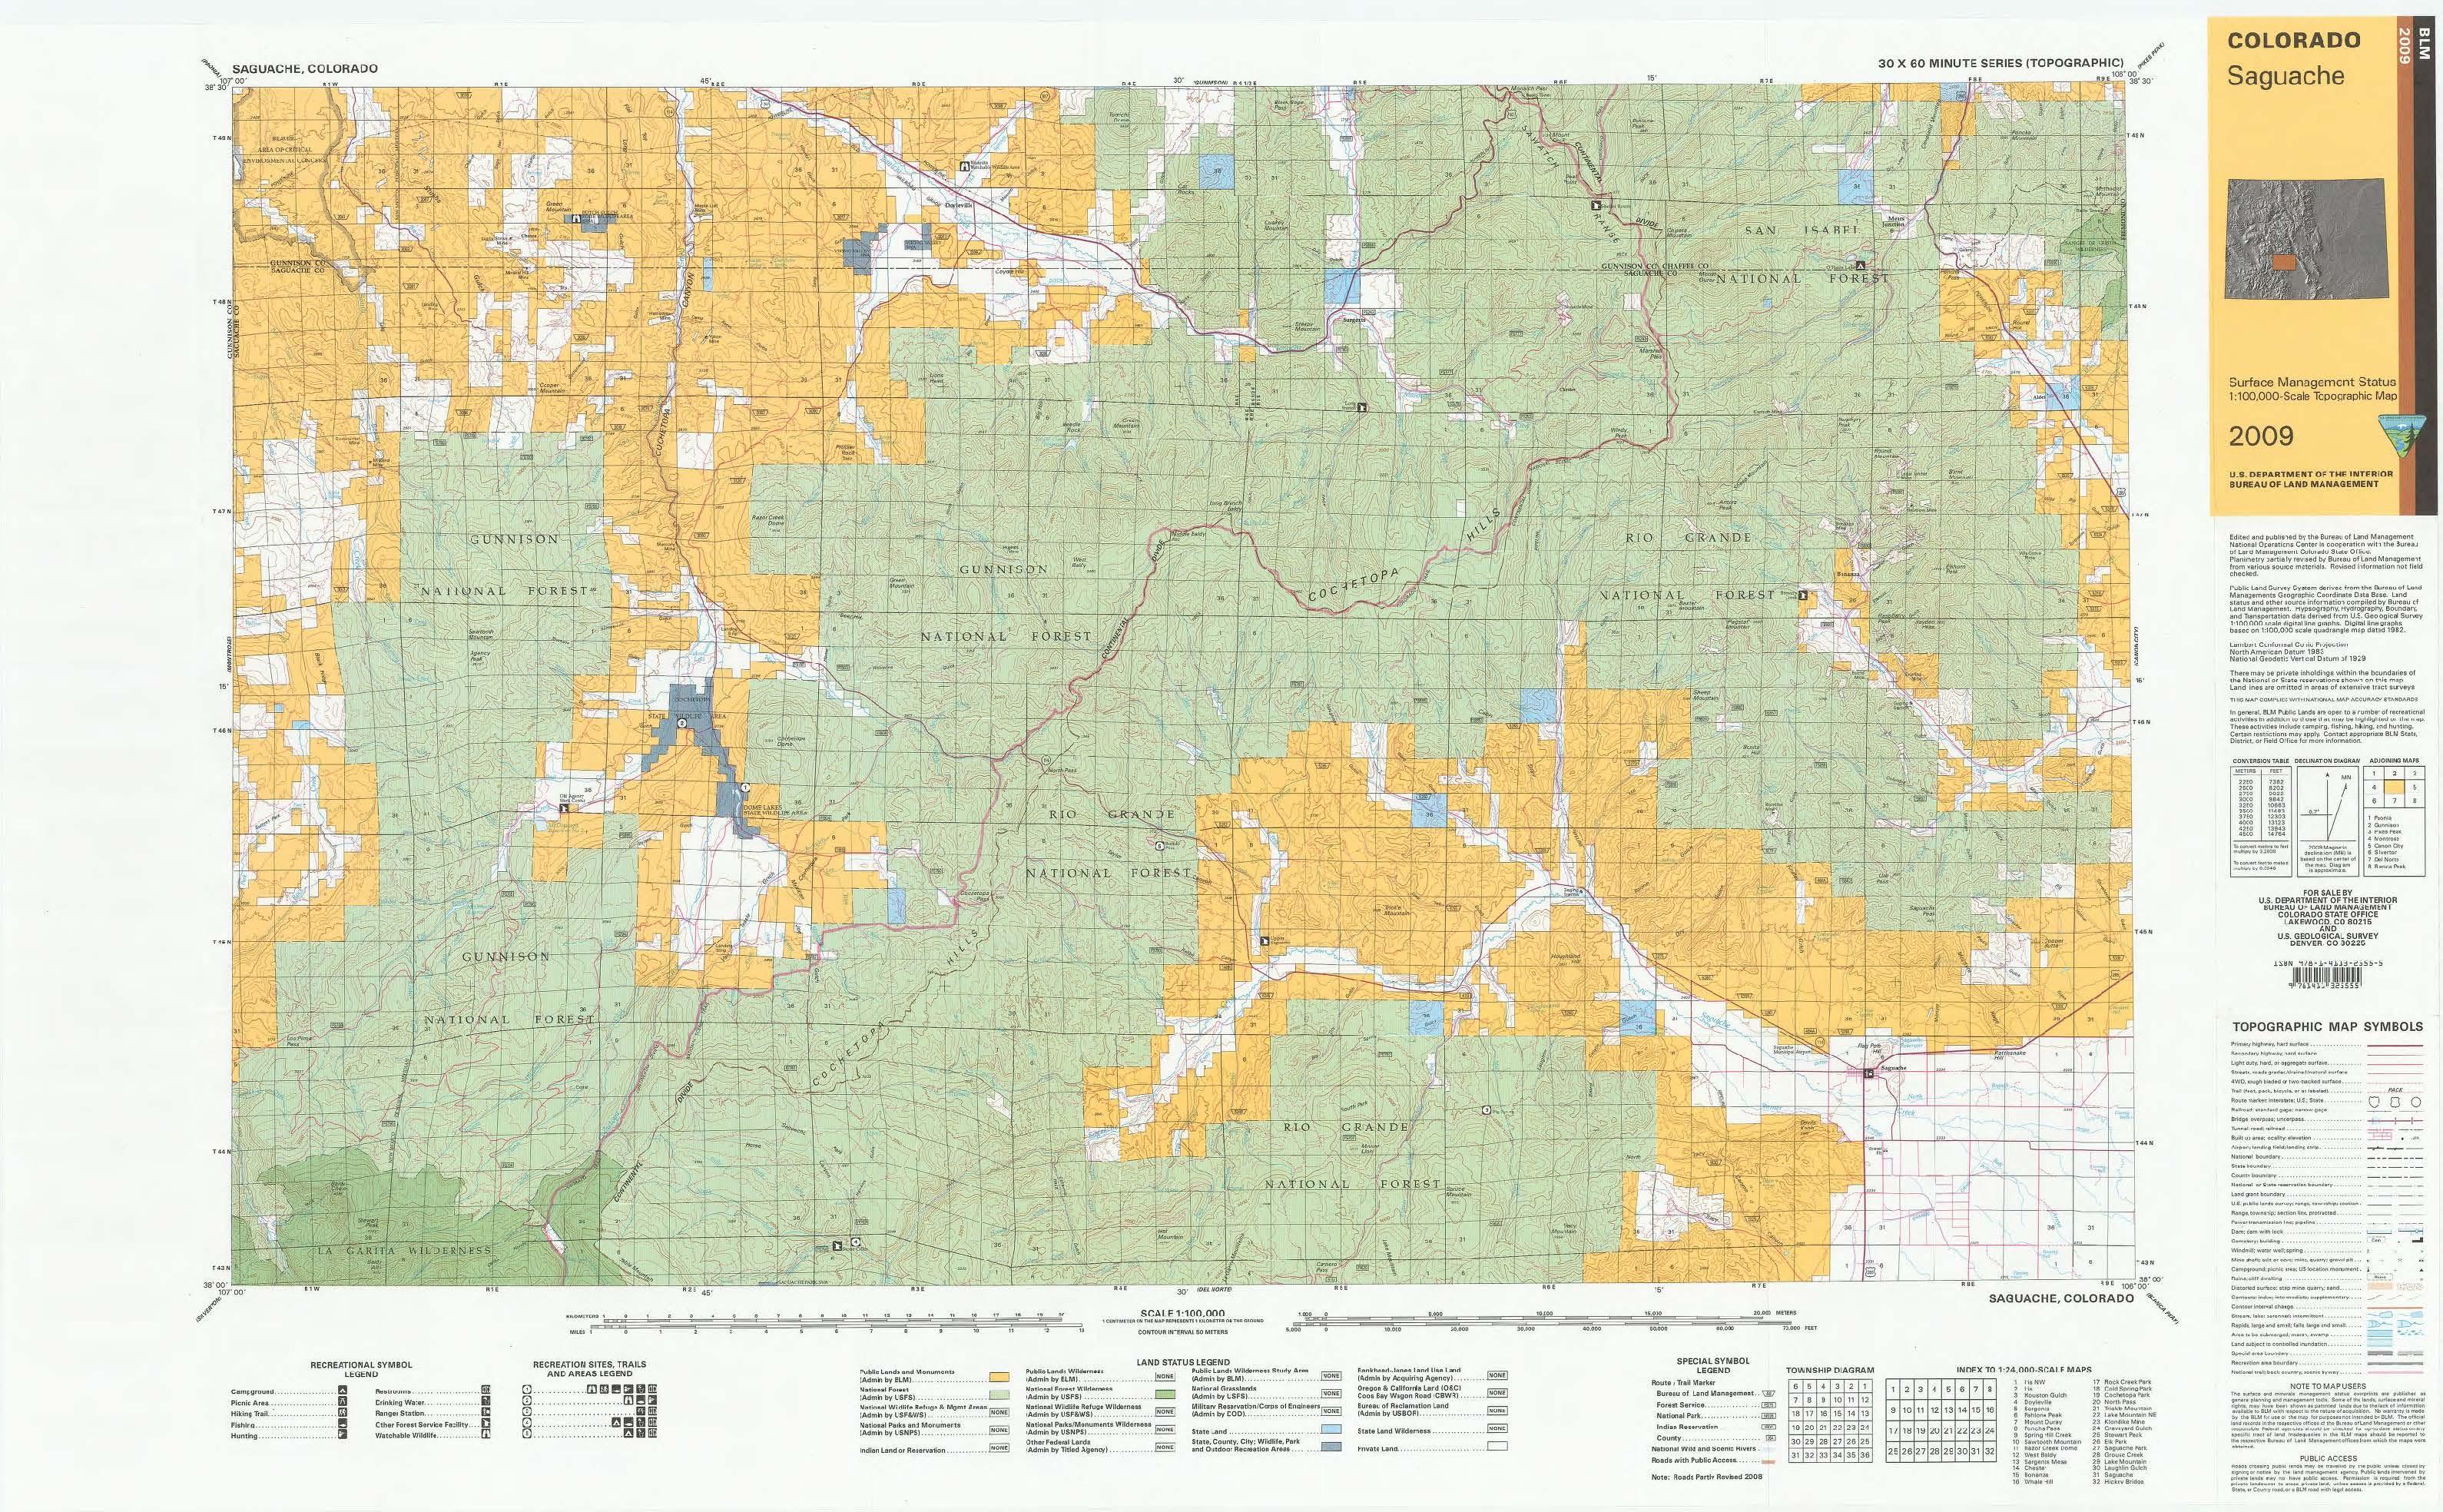 Co Surface Management Status Saguache Map Bureau Of Land